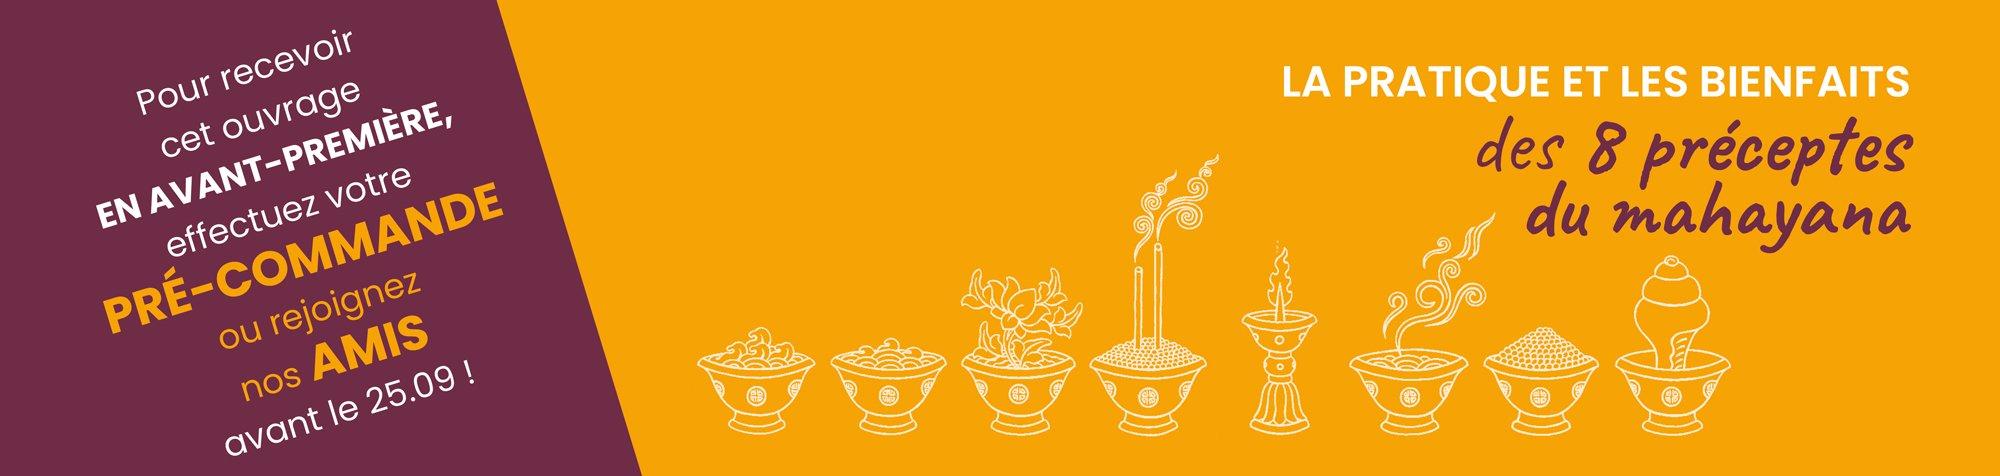 les 8 preceptes du mahayana